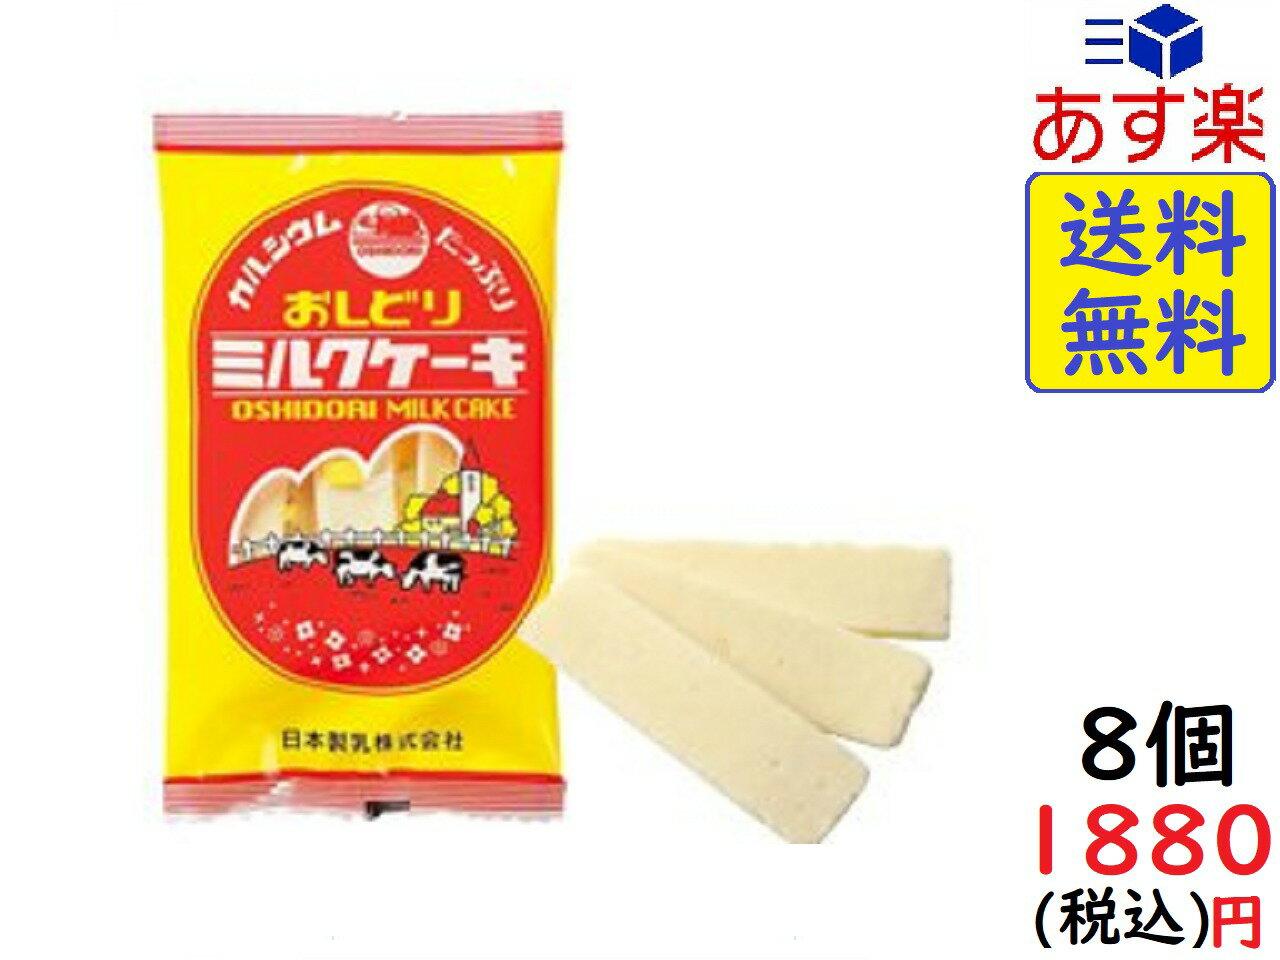 日本製乳 おしどり ミルクケーキ 9本×8個 賞味期限残り5ヶ月以上。